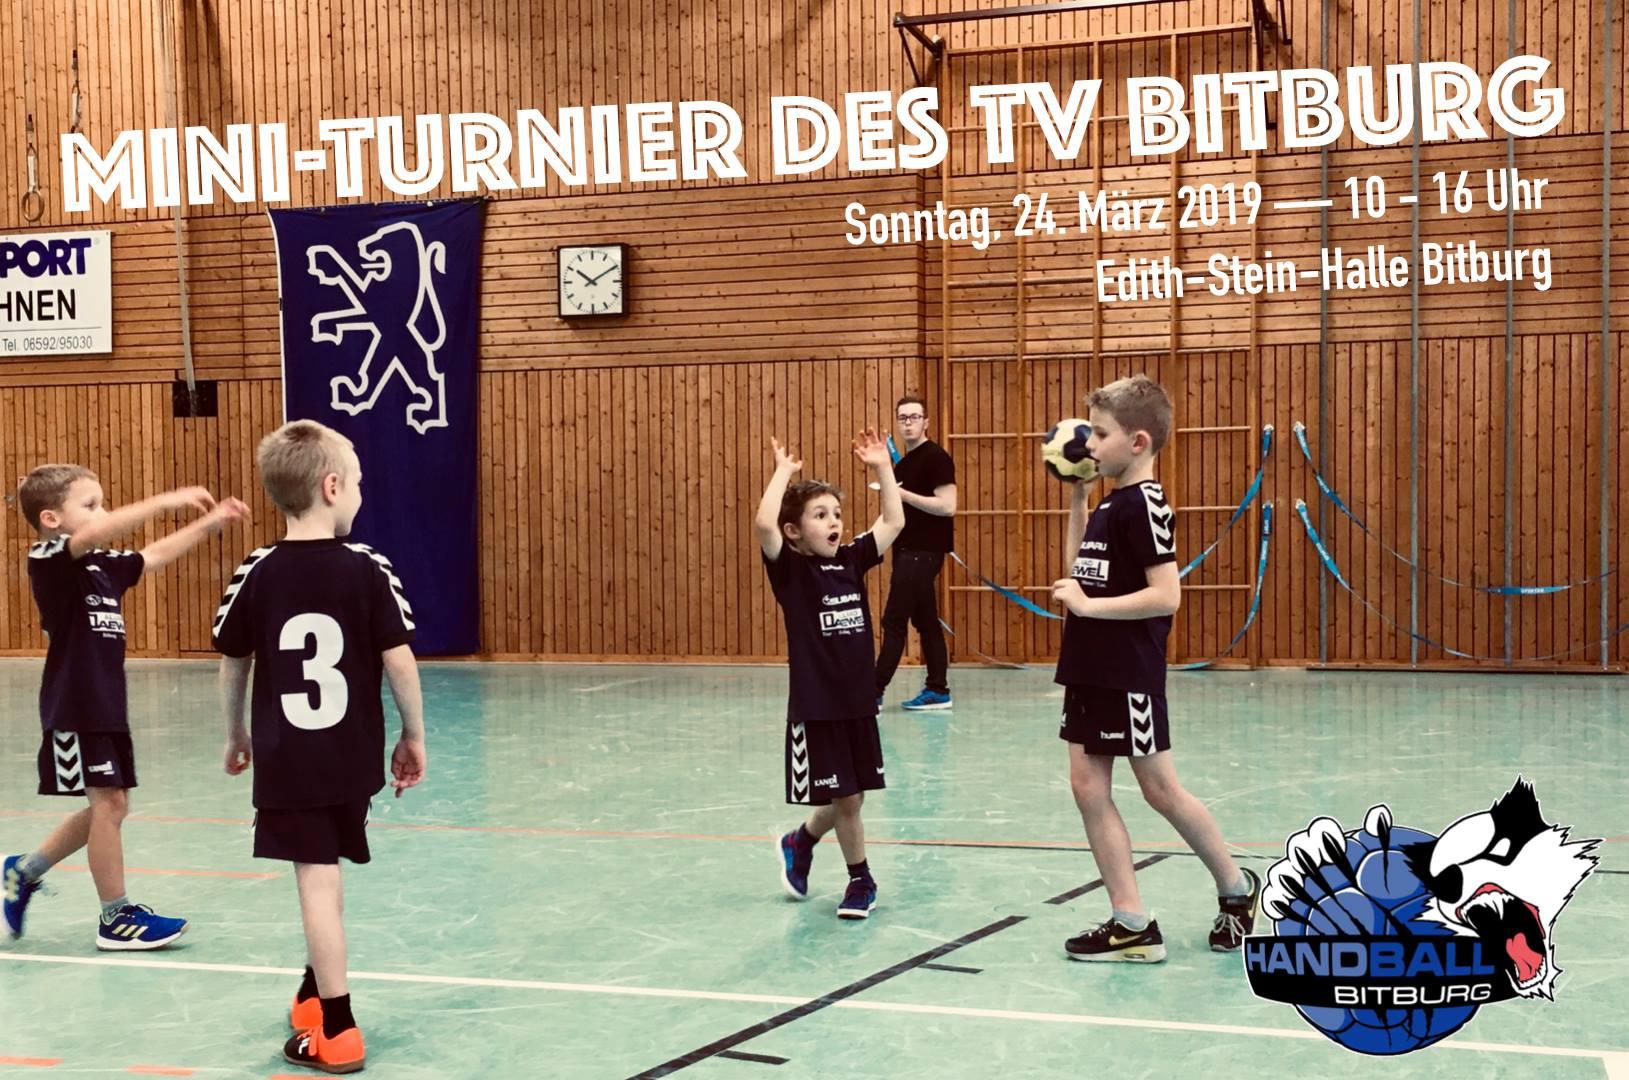 TV Bitburg veranstaltet Mini-Turnier